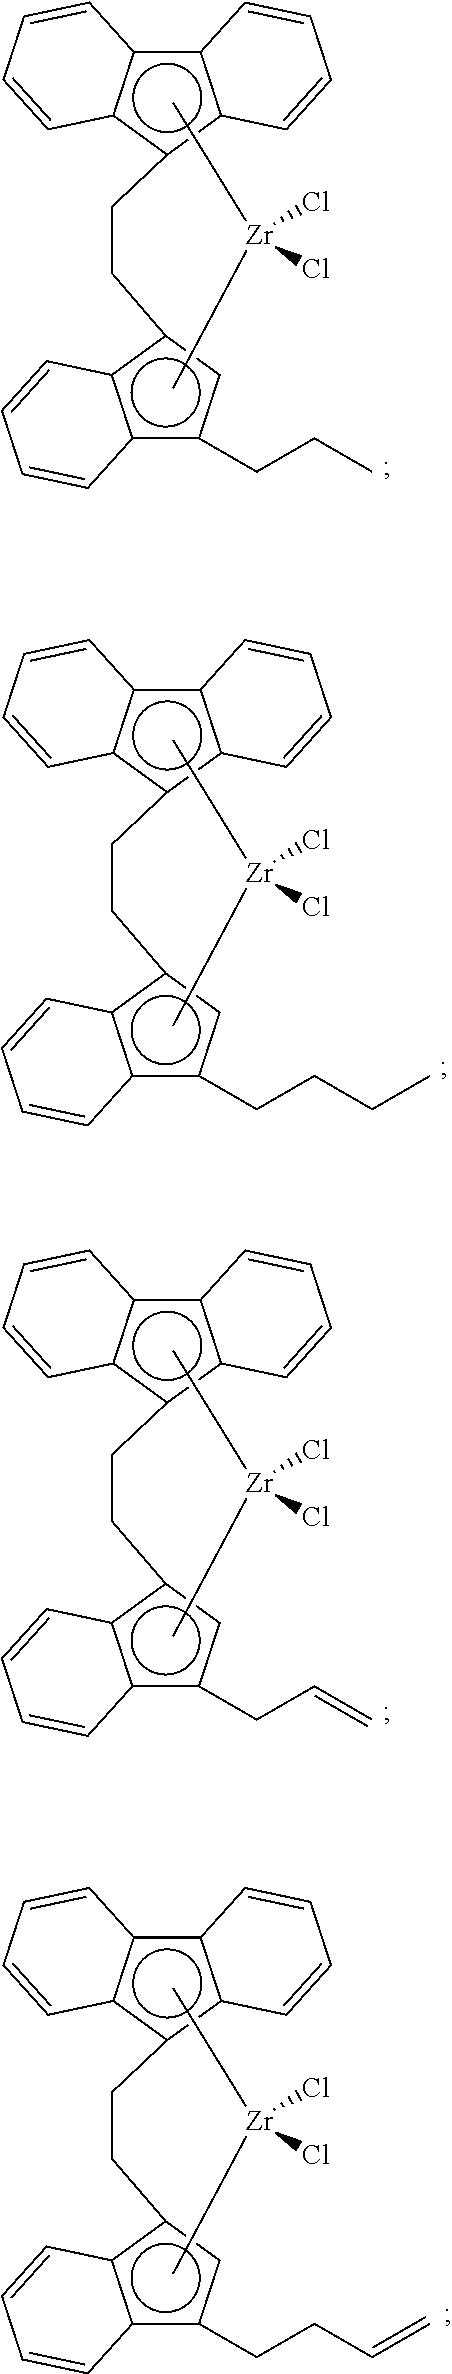 Figure US08501654-20130806-C00022